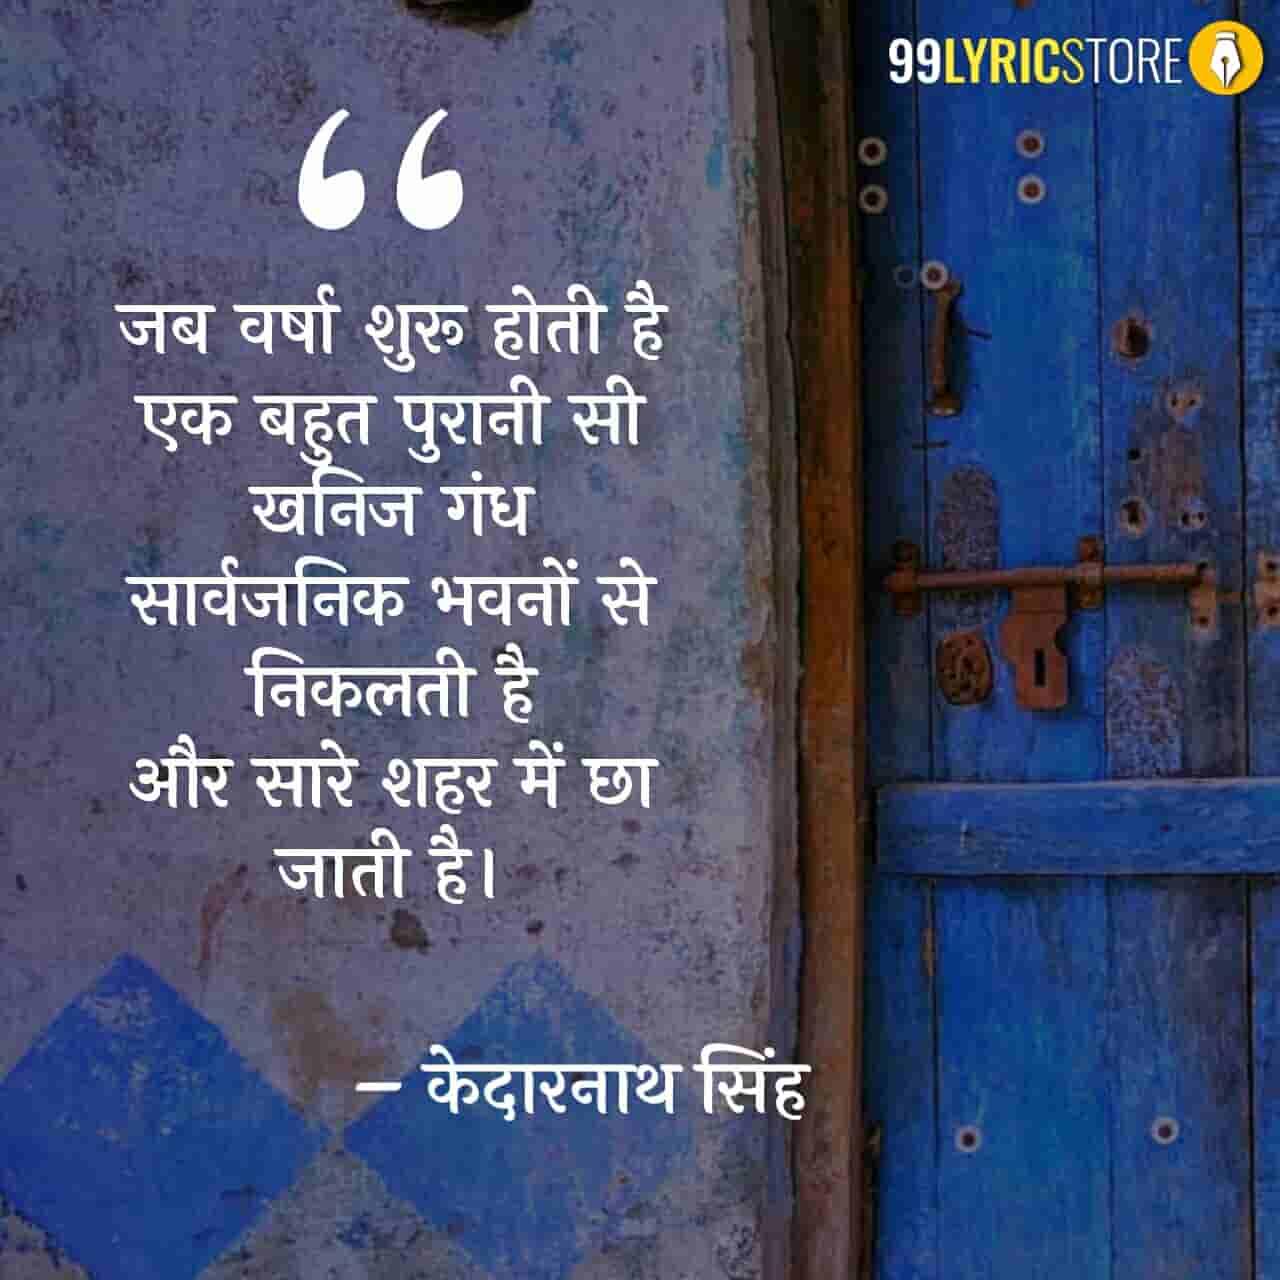 'जब वर्षा शुरू होती है' कविता केदारनाथ सिंह जी द्वारा लिखी गई एक हिन्दी कविता है।